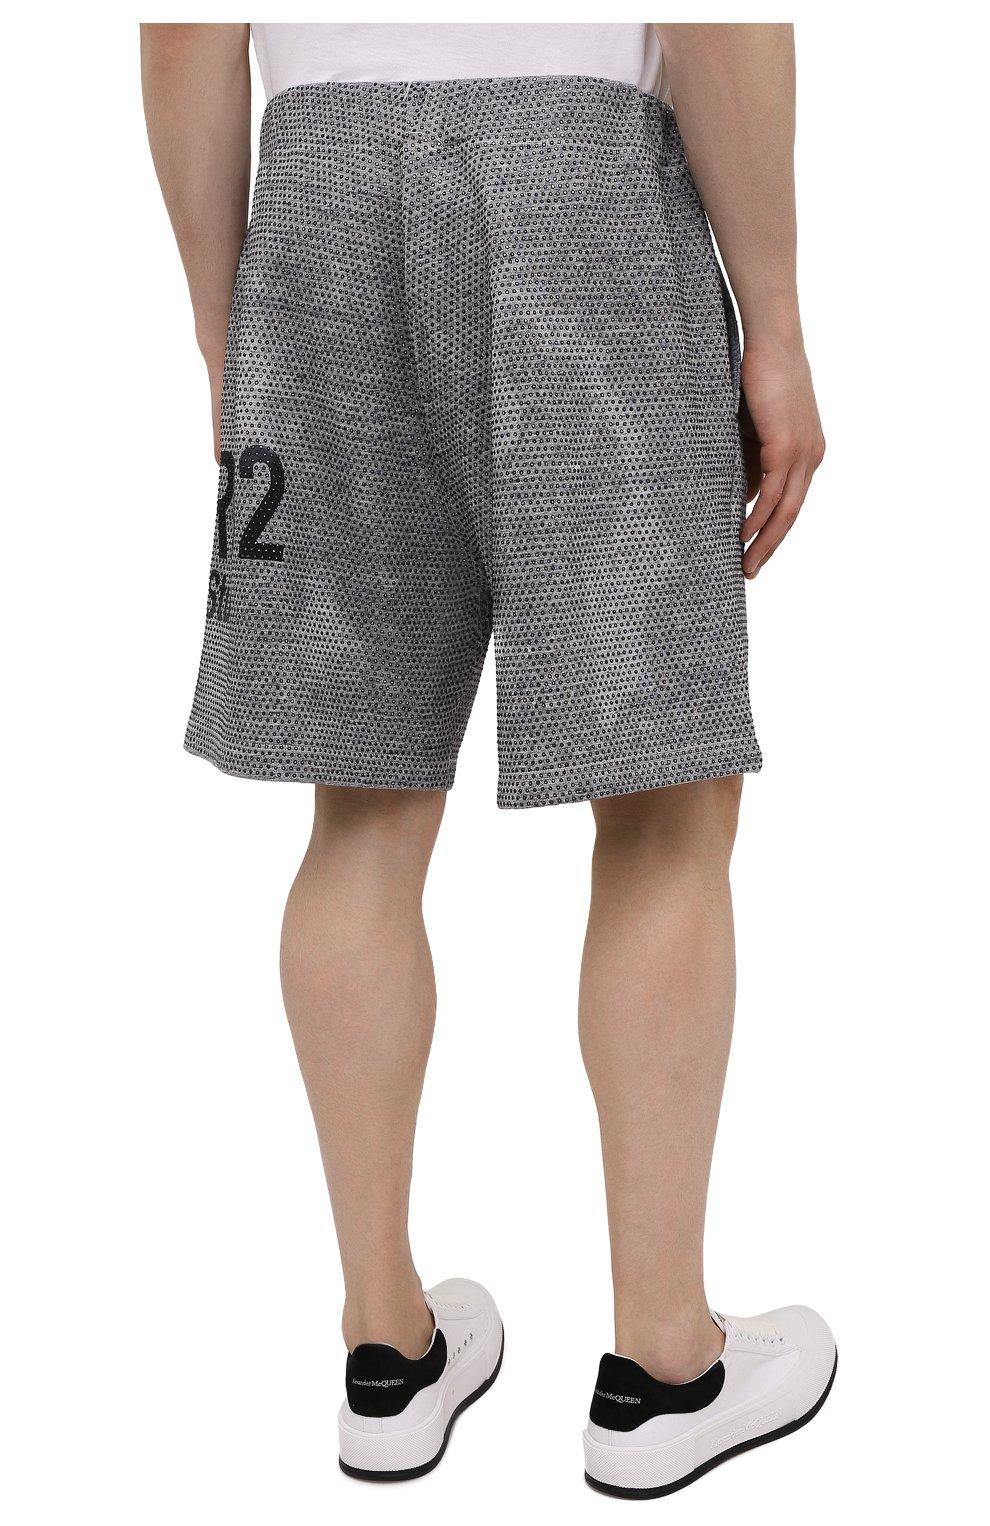 Мужские хлопковые шорты DSQUARED2 серого цвета, арт. S74MU0676/S25477   Фото 4 (Длина Шорты М: До колена; Принт: С принтом; Кросс-КТ: Трикотаж; Материал внешний: Хлопок; Стили: Спорт-шик)